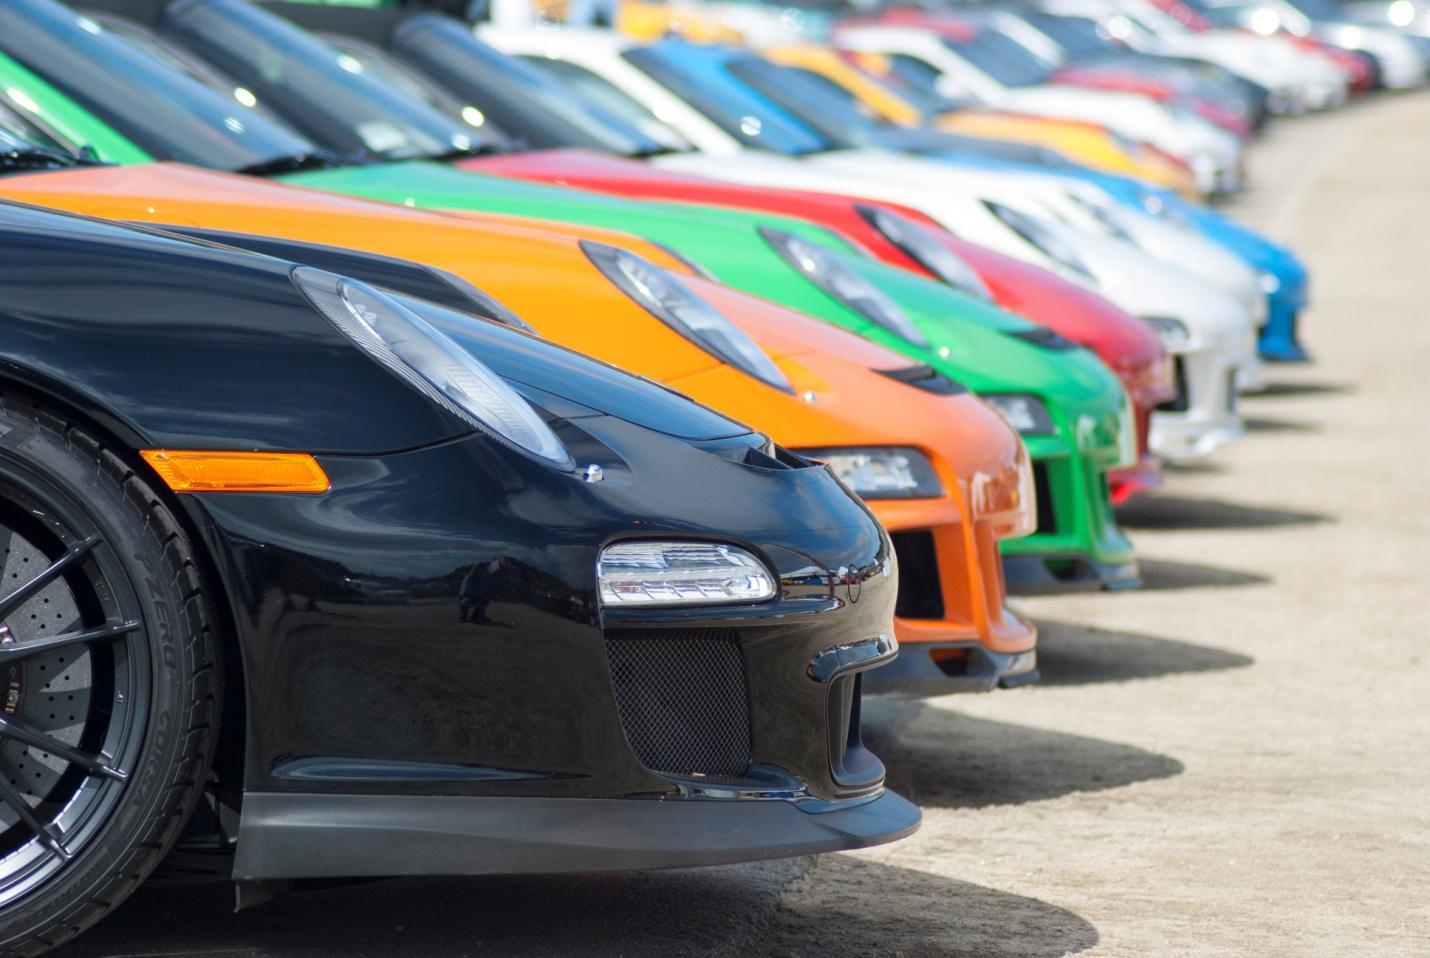 Tout ce qu'il faut savoir sur la nouvelle Porsche 911 turbo S édition limitée